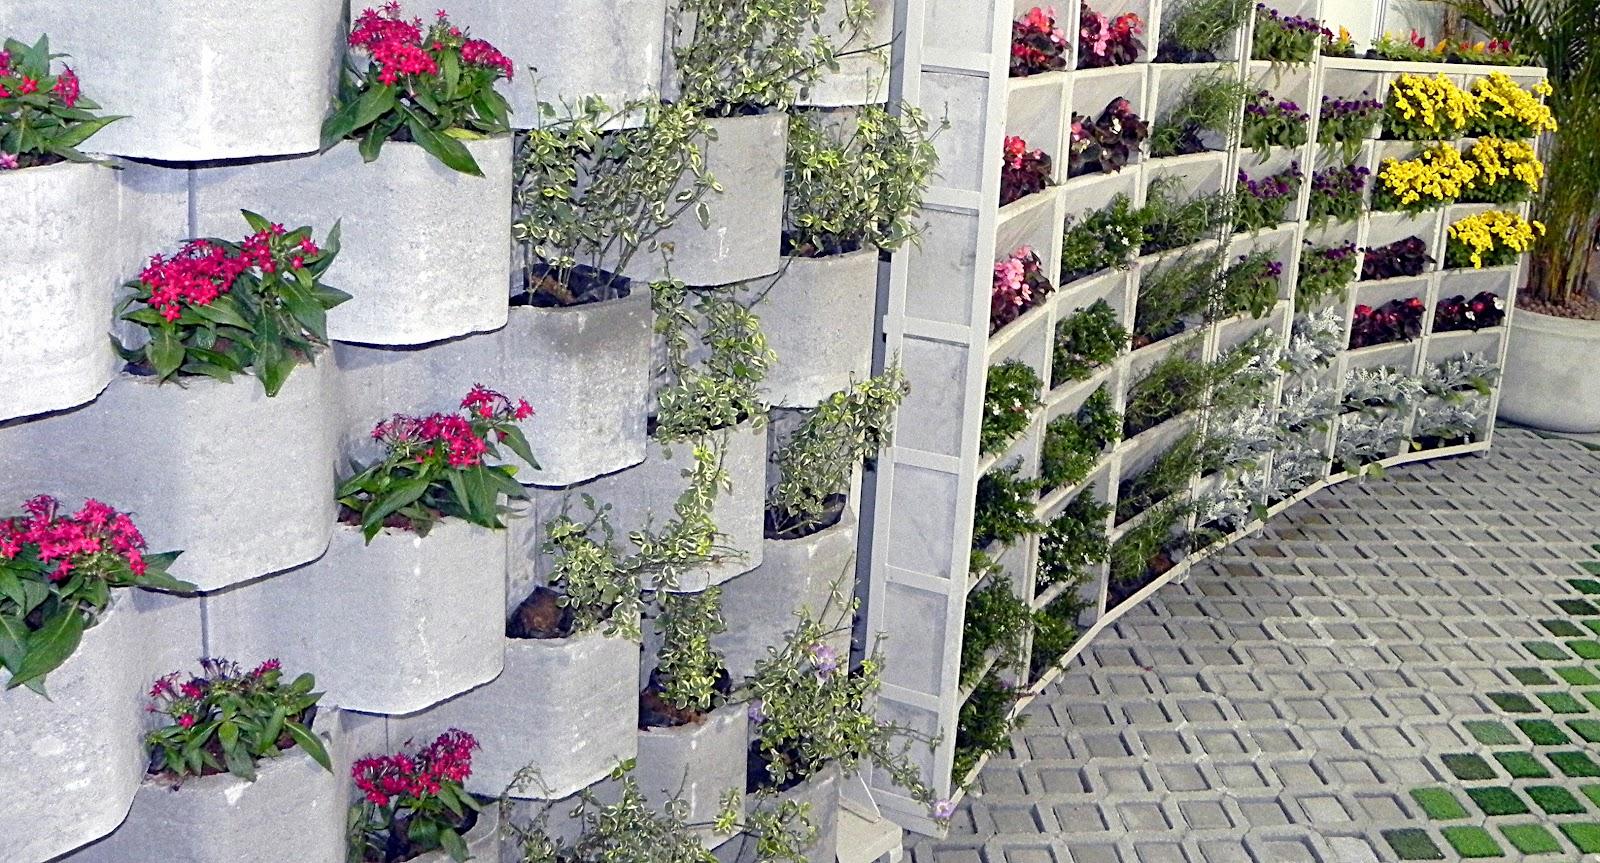 jardim vertical recife : jardim vertical recife:Irrigacao 1 2 – Интерет Аптека. Купить виагру